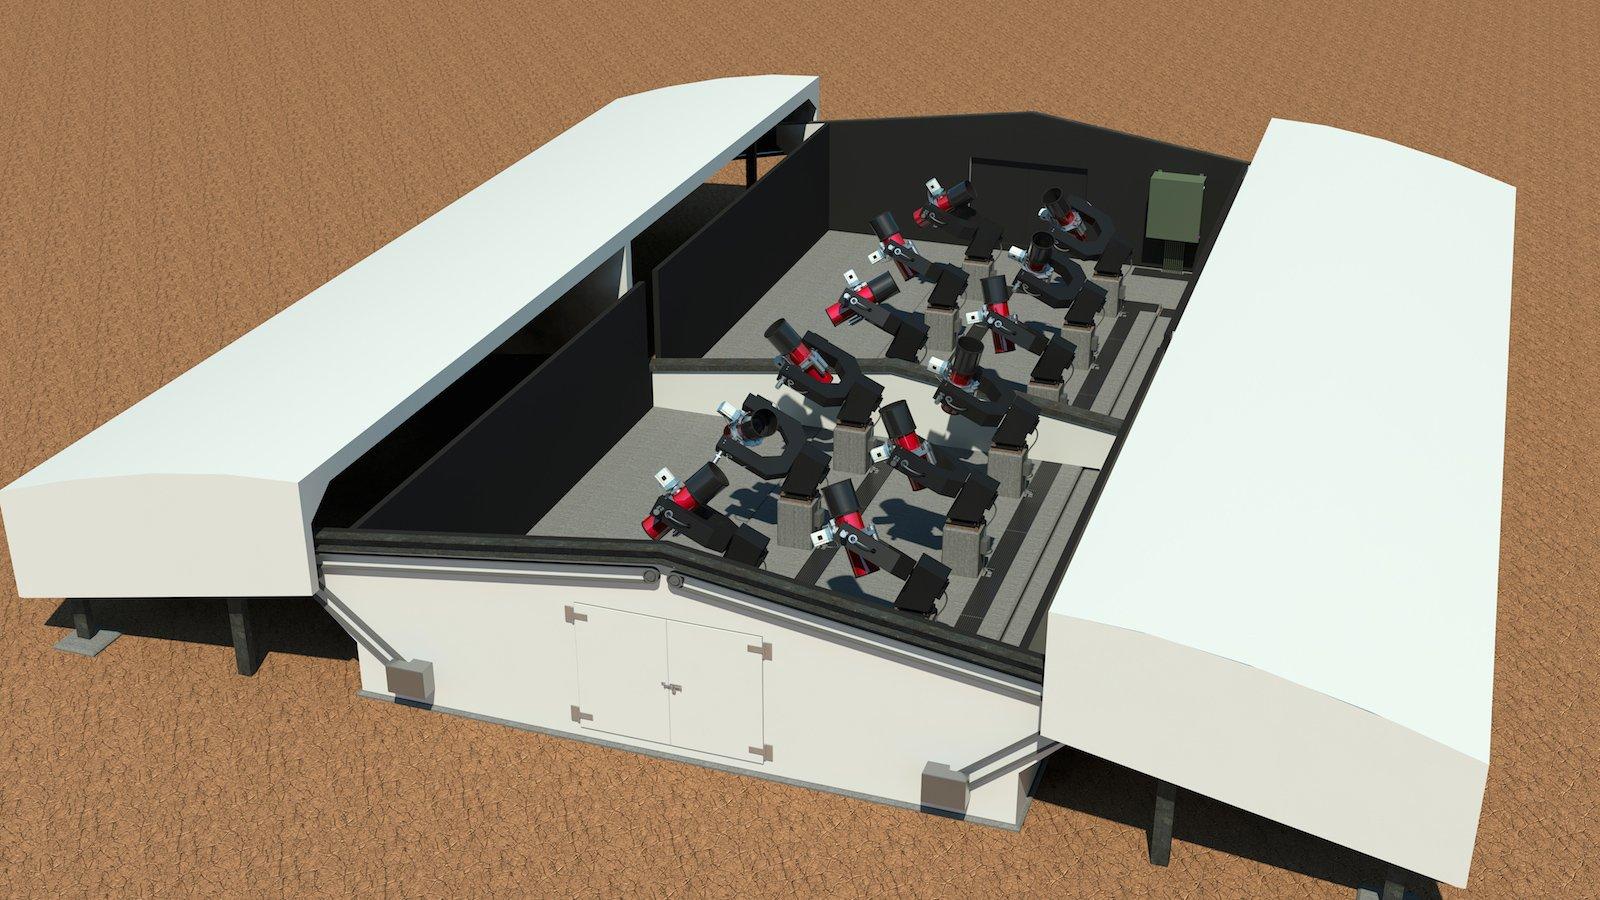 Darstellung der NGTS-Teleskopanlage: Der Next Generation Transit Surveyist ein auf großflächige Beobachtungen angelegtes System, dass aus zwölf Einzelteleskopen besteht, von denen jedes einen Durchmesser von 20 Zentimetern hat.